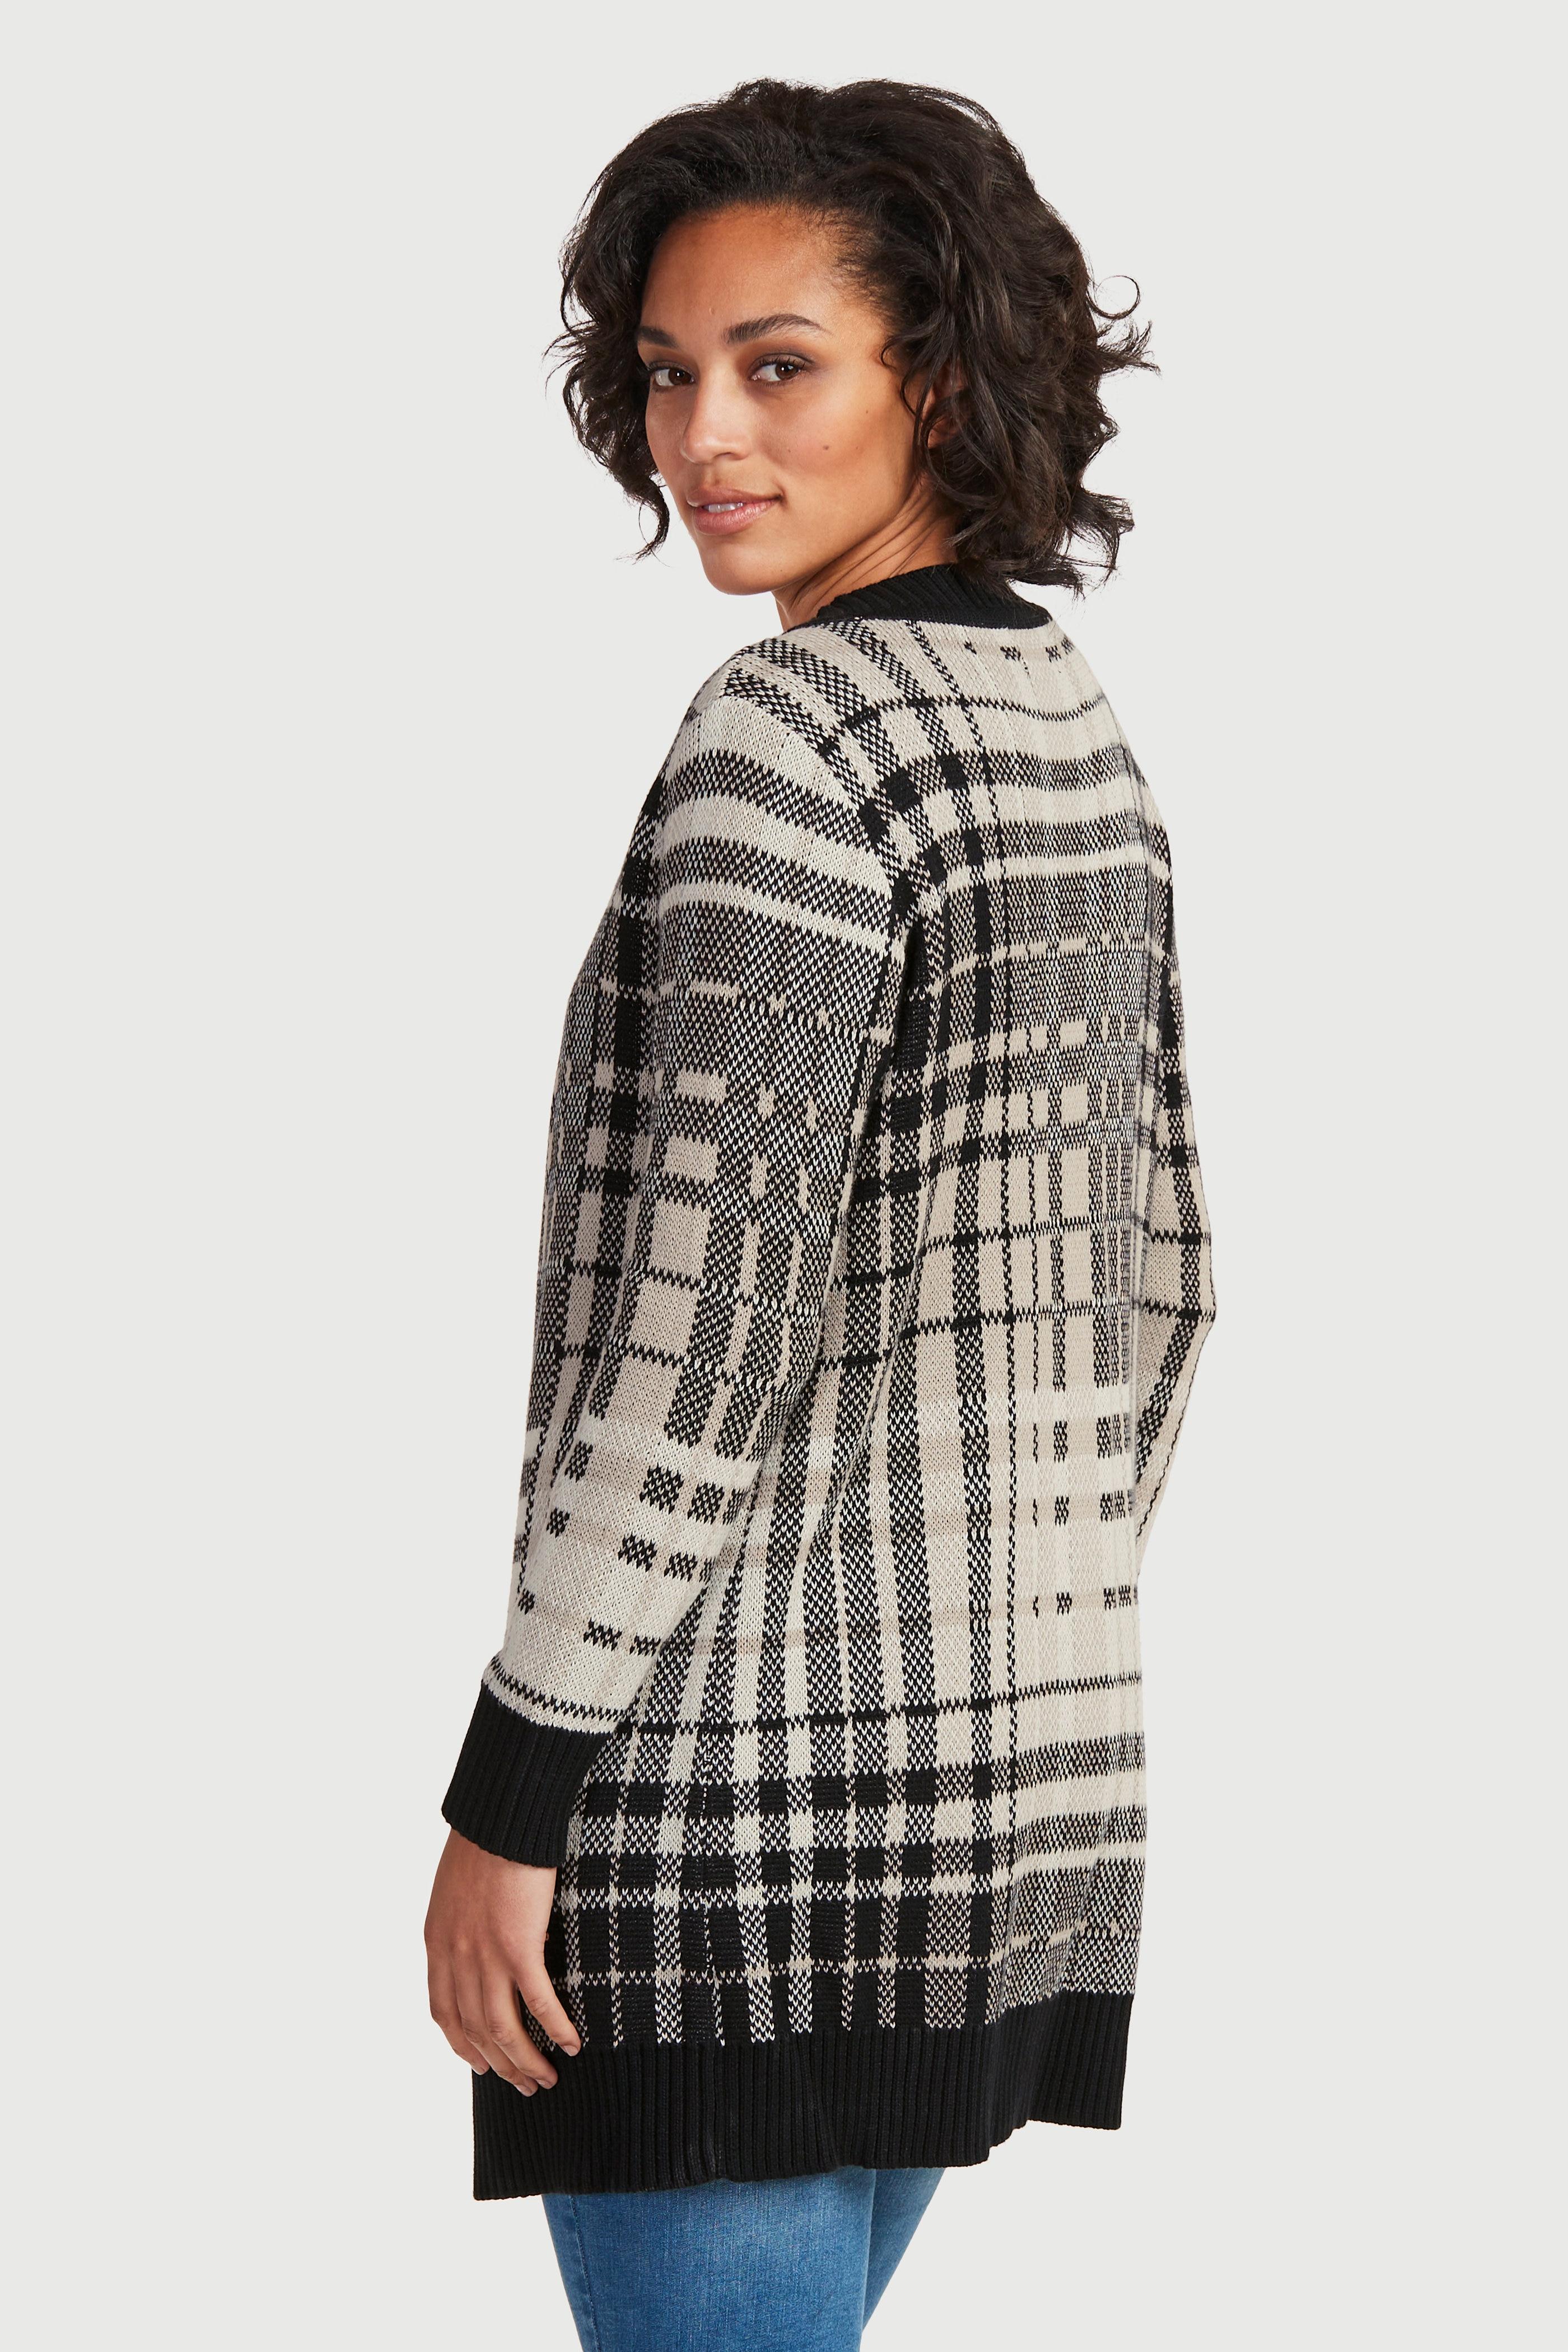 Rozpinany sweter z dzianinowym wzorem w kratkę